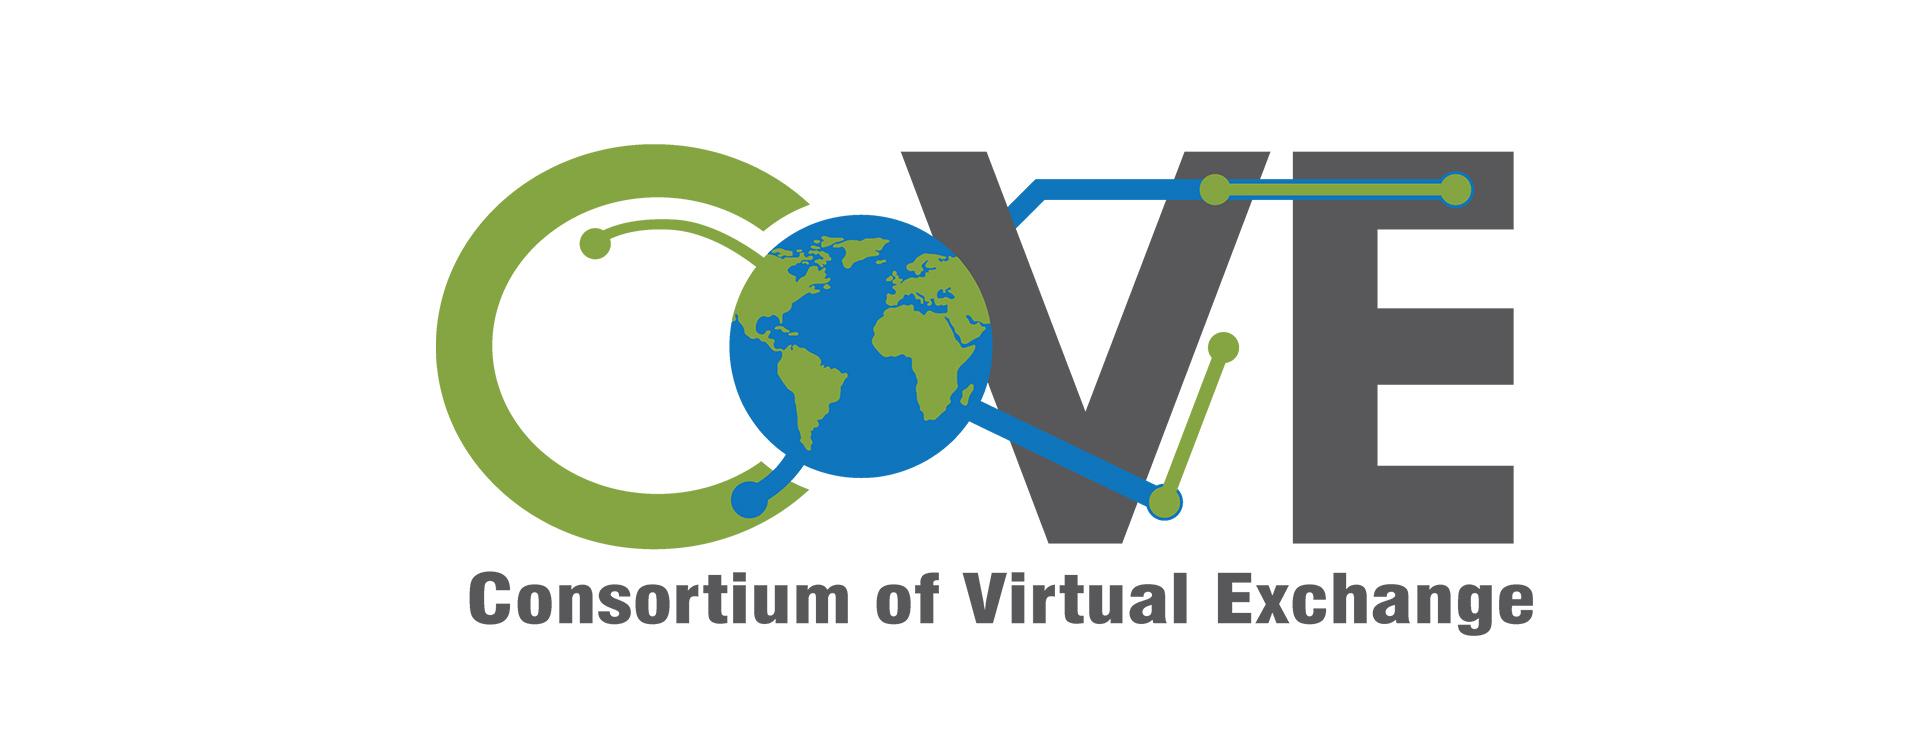 CoVE-WORKSHOP: VIRTUAL EXCHANGE